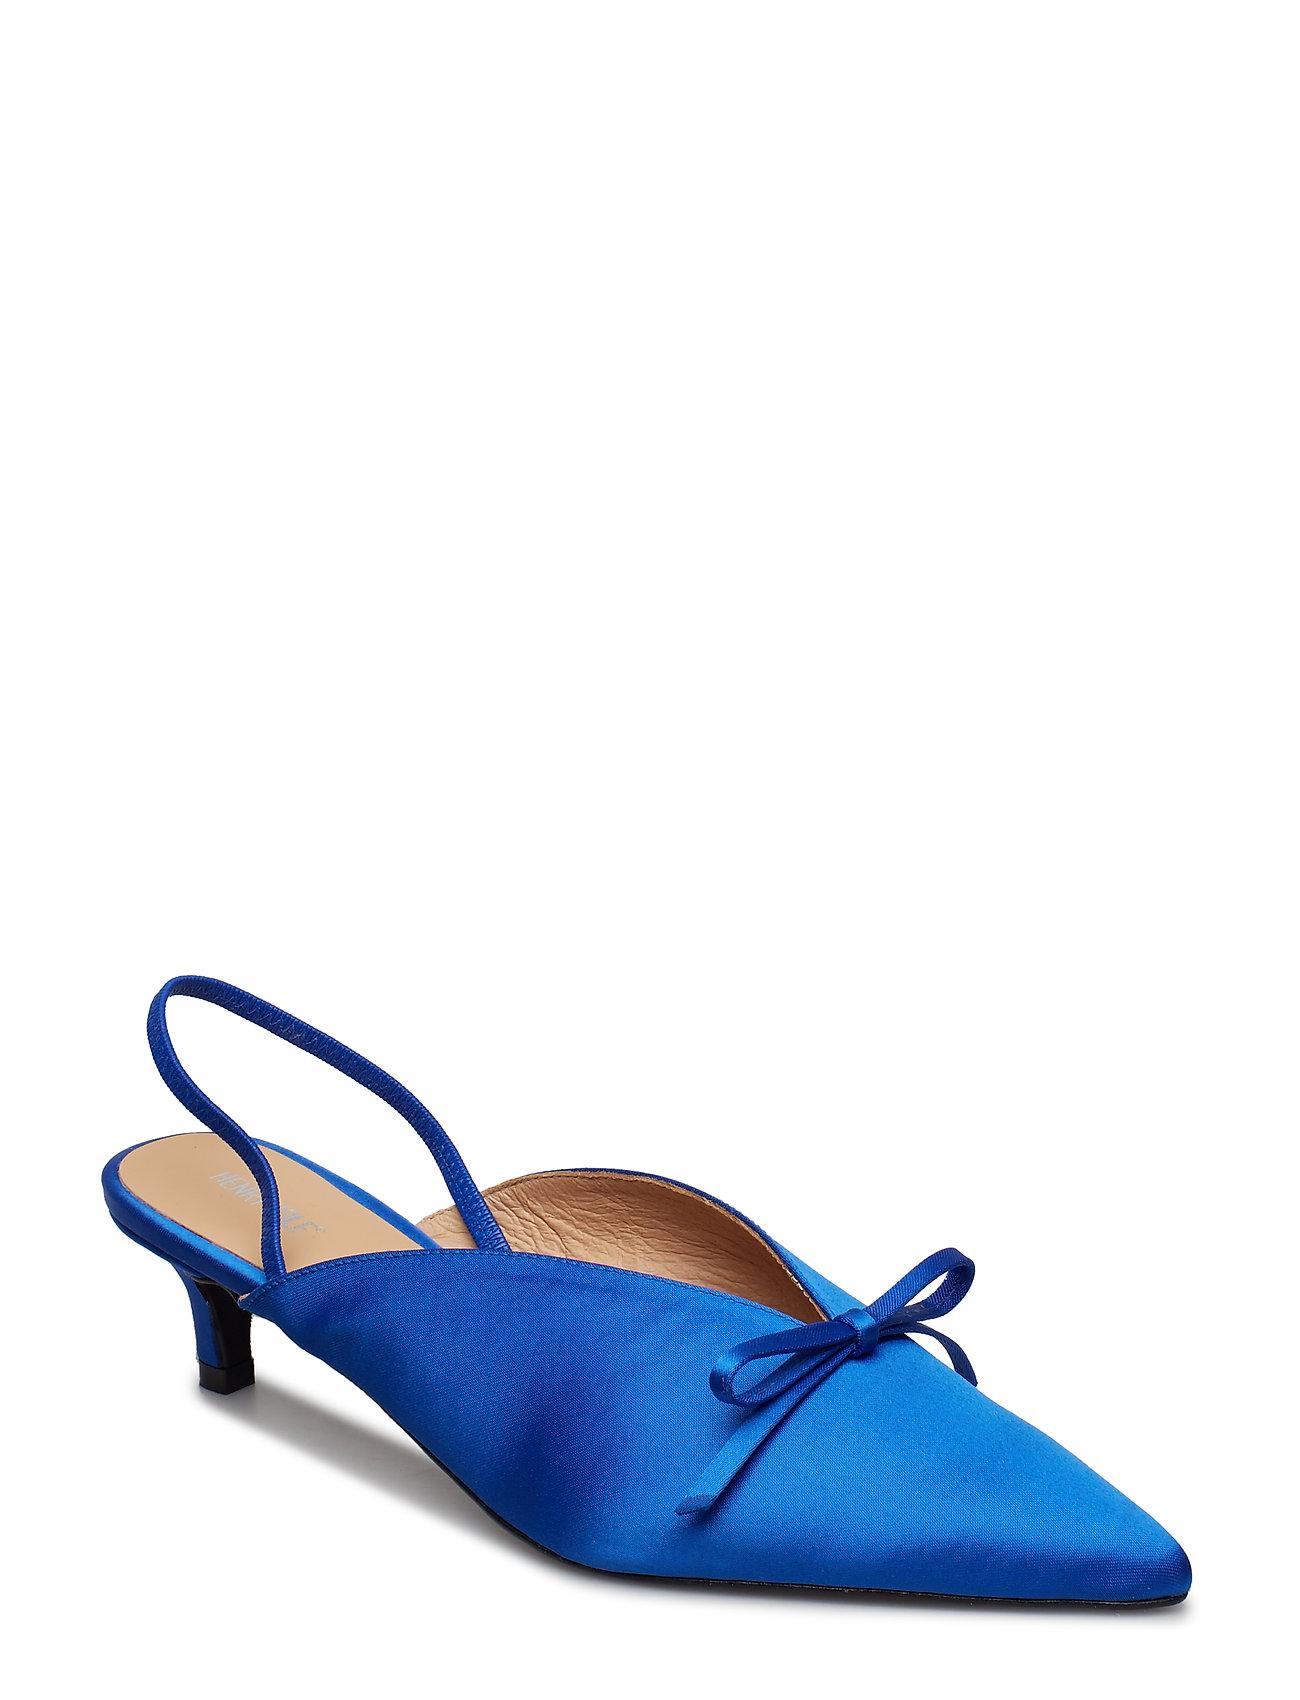 Henry Kole Amelie Satin Blue - BLUE